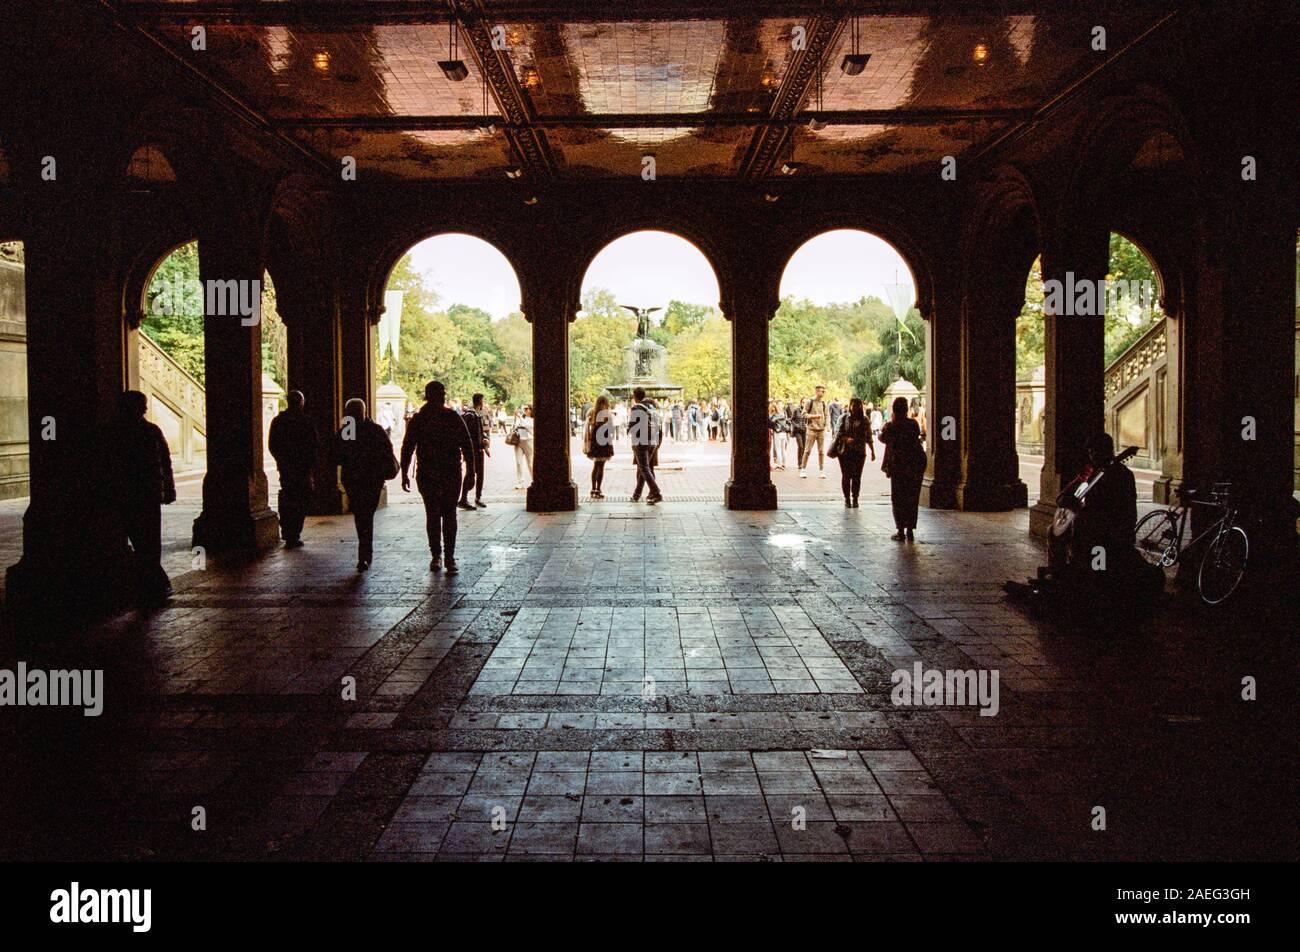 Le passage inférieur pour piétons à Bethesda Terrace, Central Park, New York City. Banque D'Images